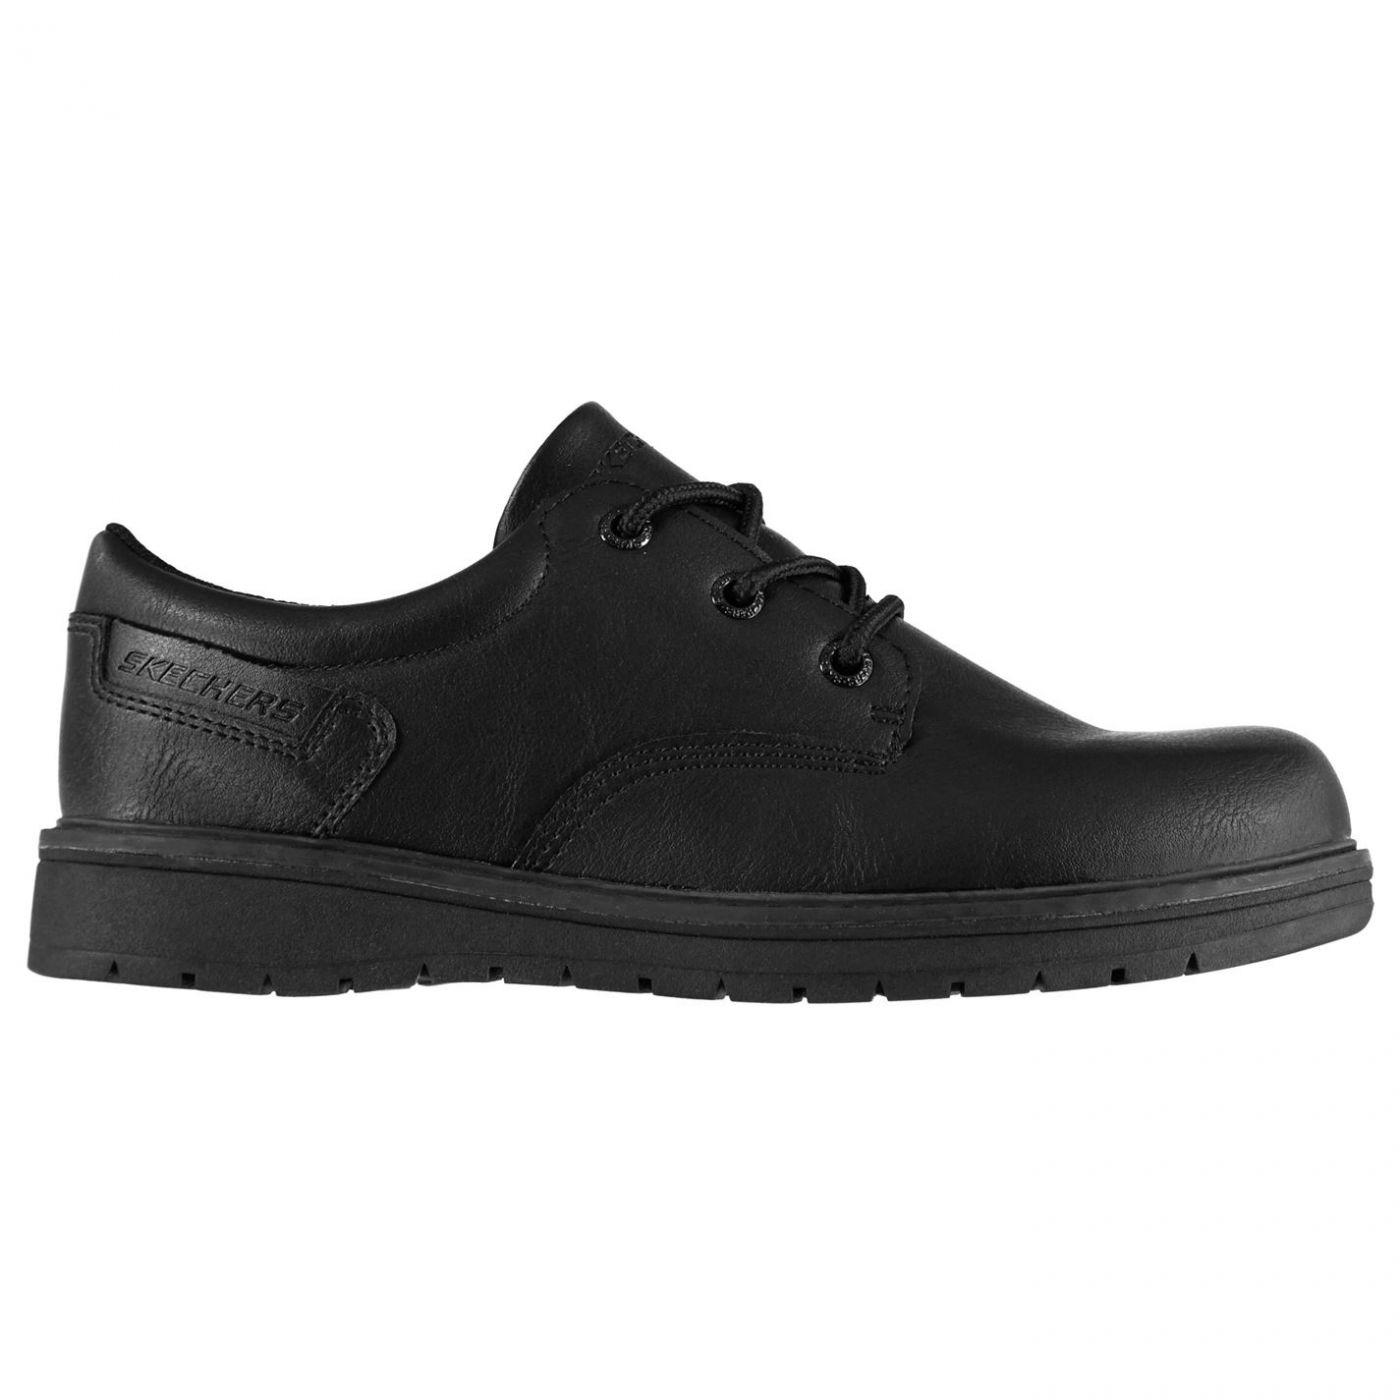 Ben Sherman Weller Junior Loafer Shoes